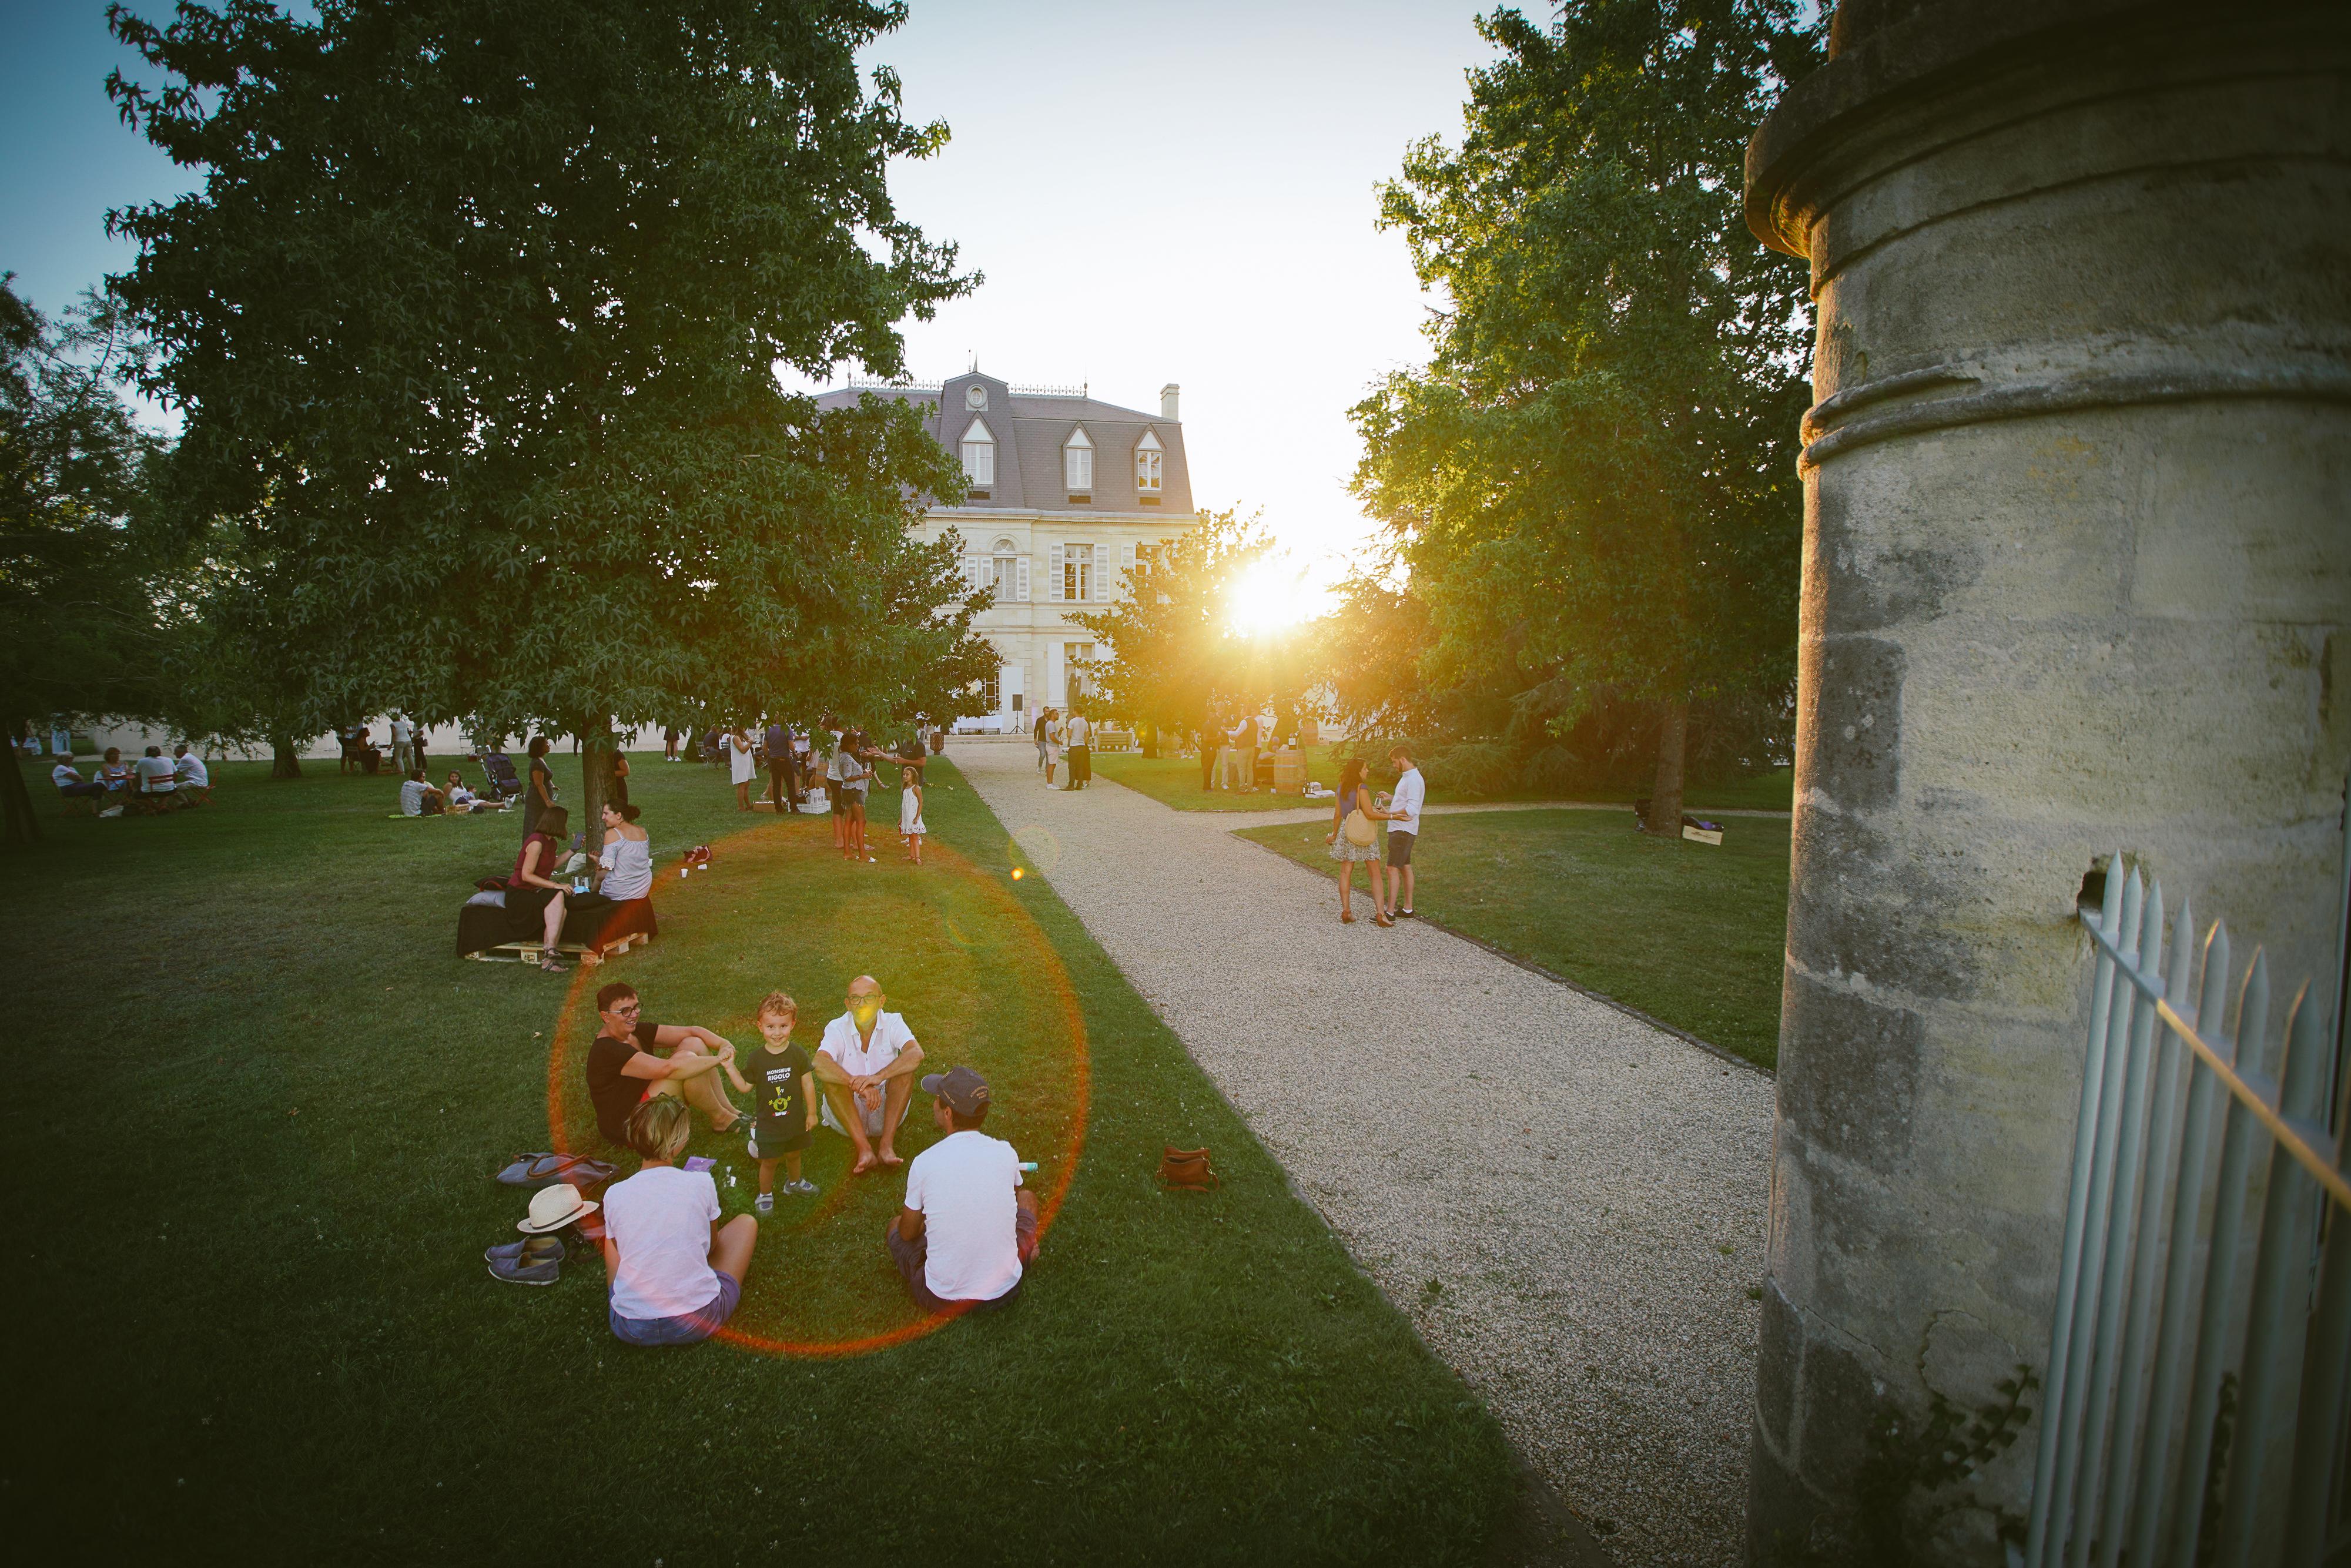 AFTER WORK EN MÉDOC_2020-chateau-Malescasse_Photographe d\'evenements corporate_christophe_boury_www.photographe-33.fr_A7R02077